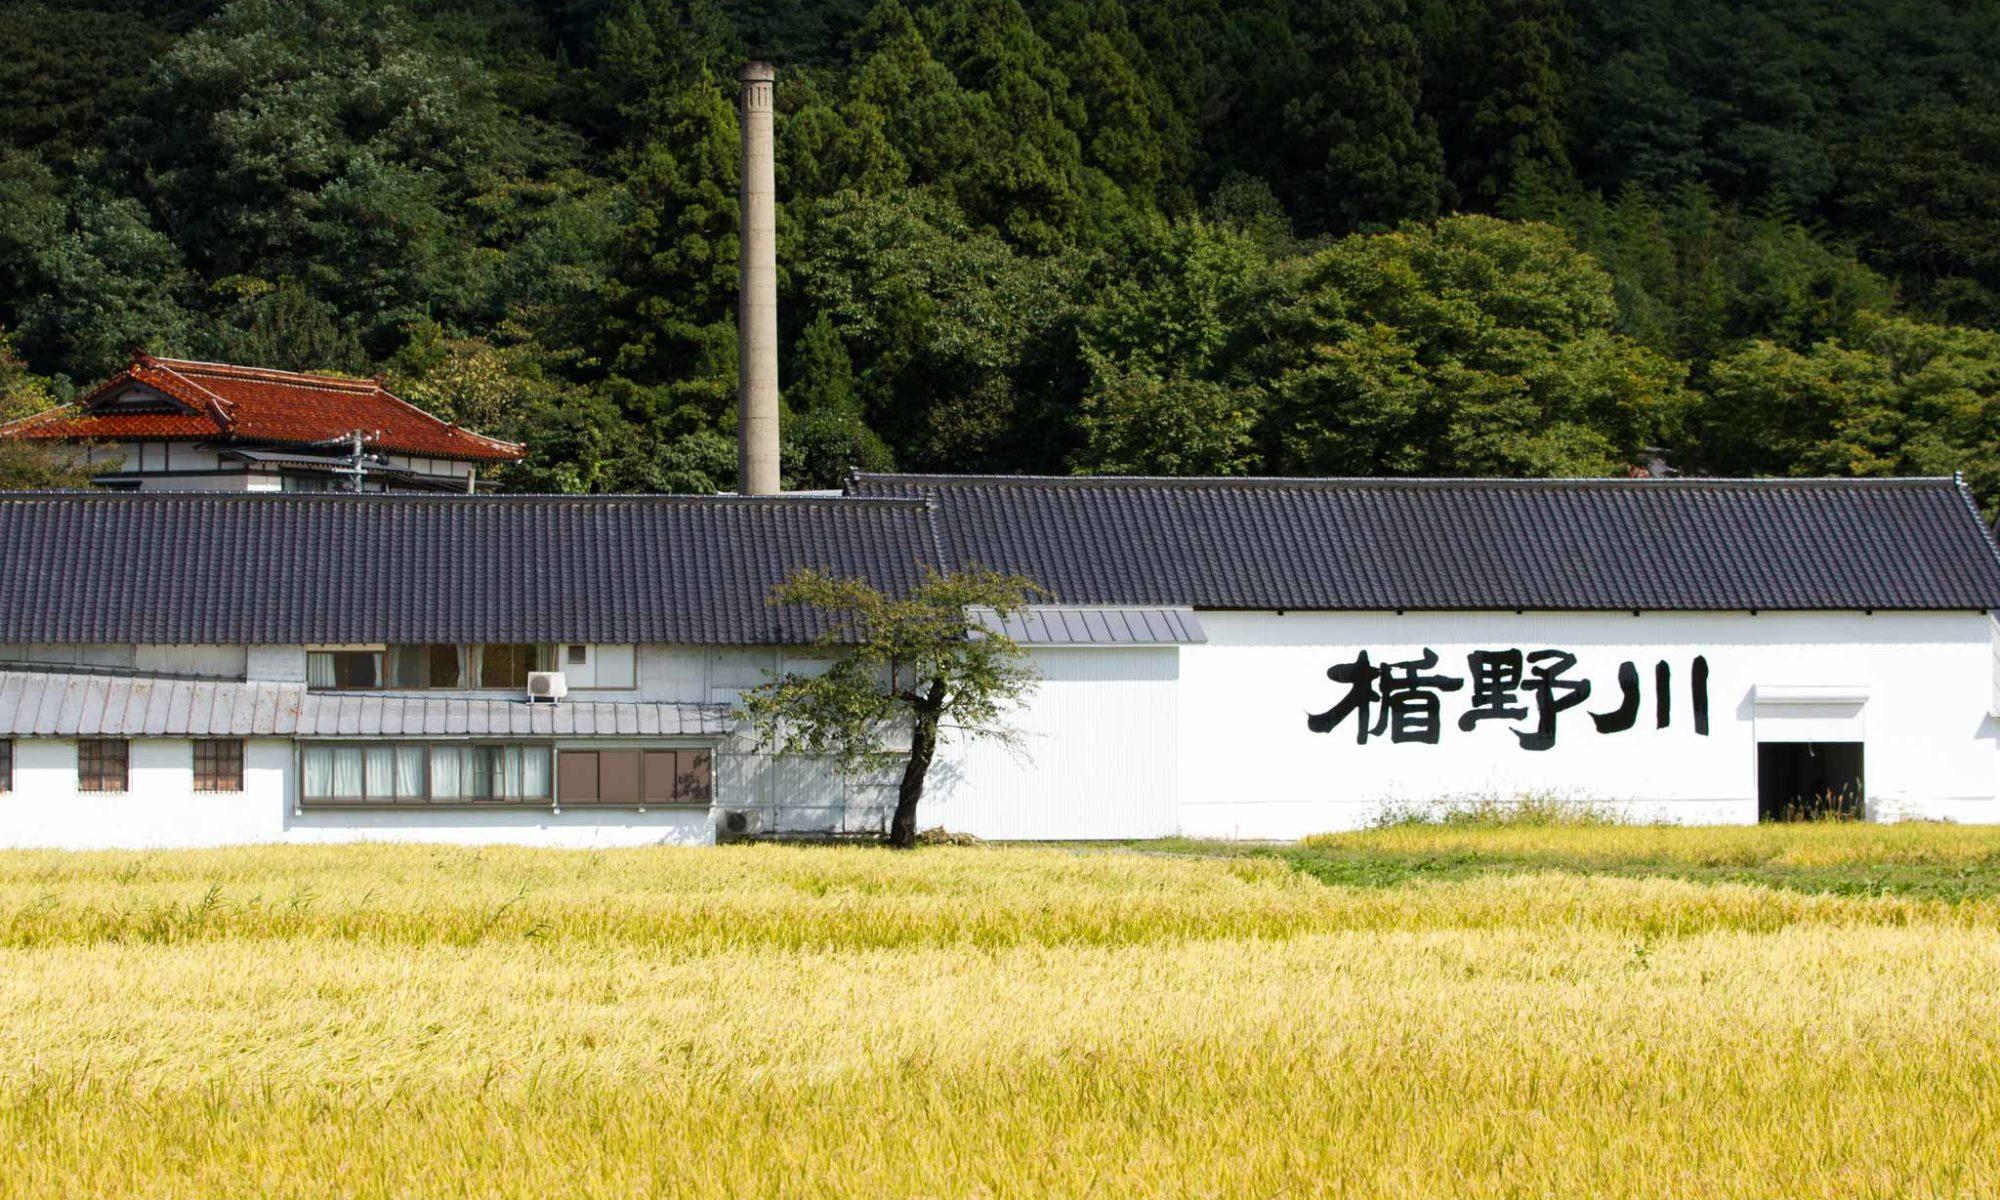 全量純米大吟醸 プレミアム日本酒「楯野川」蔵元ブログ